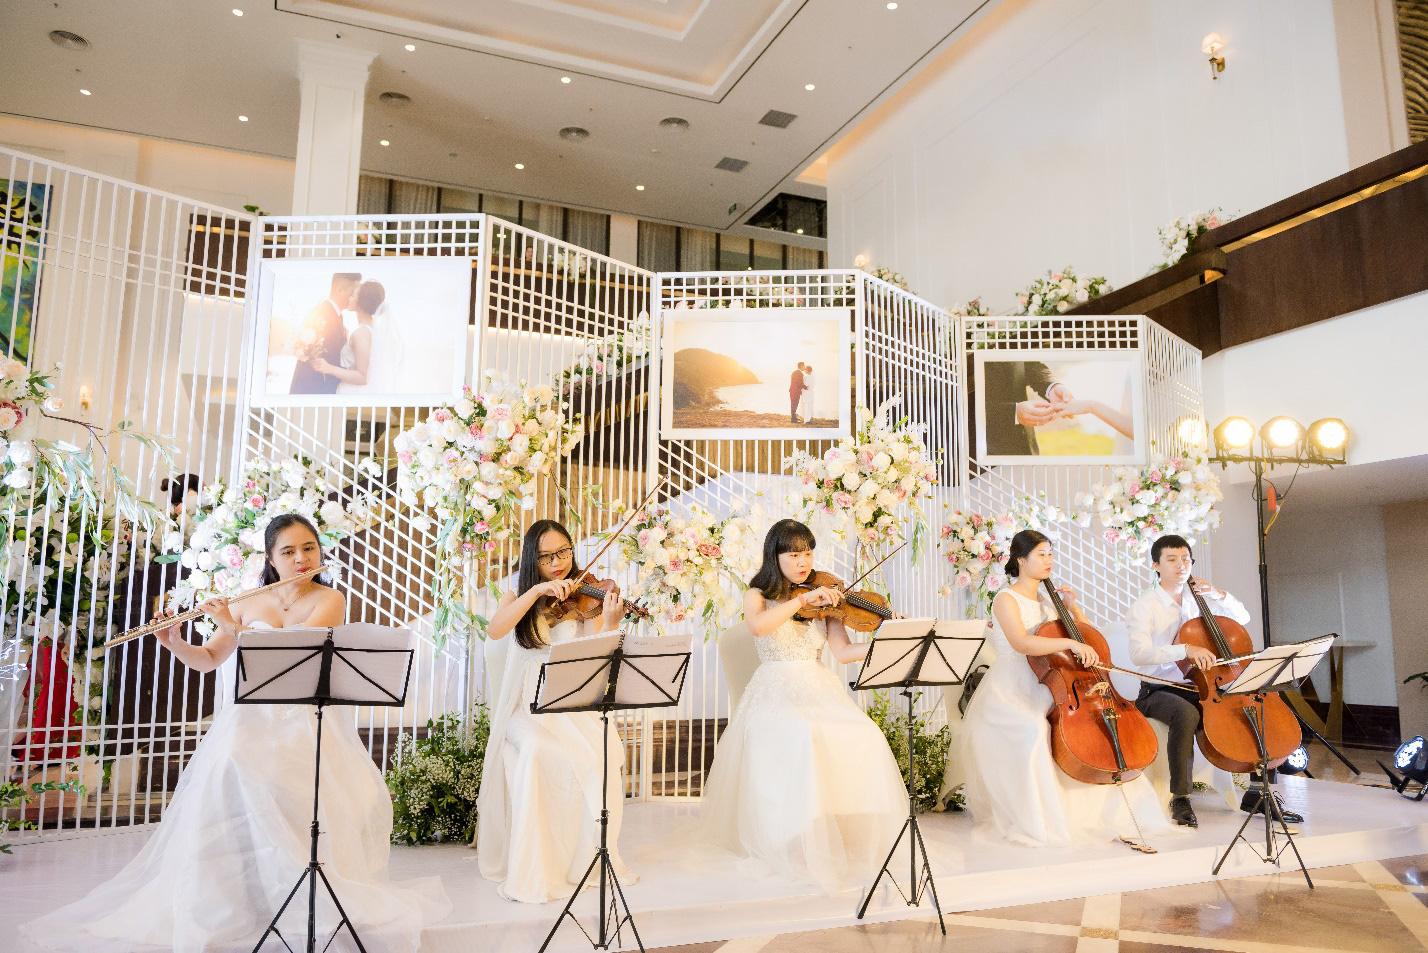 Không gian tiệc cưới như cổ tích tại FLC Hạ Long- Khách sạn Hội nghị hàng đầu châu Á - Ảnh 6.